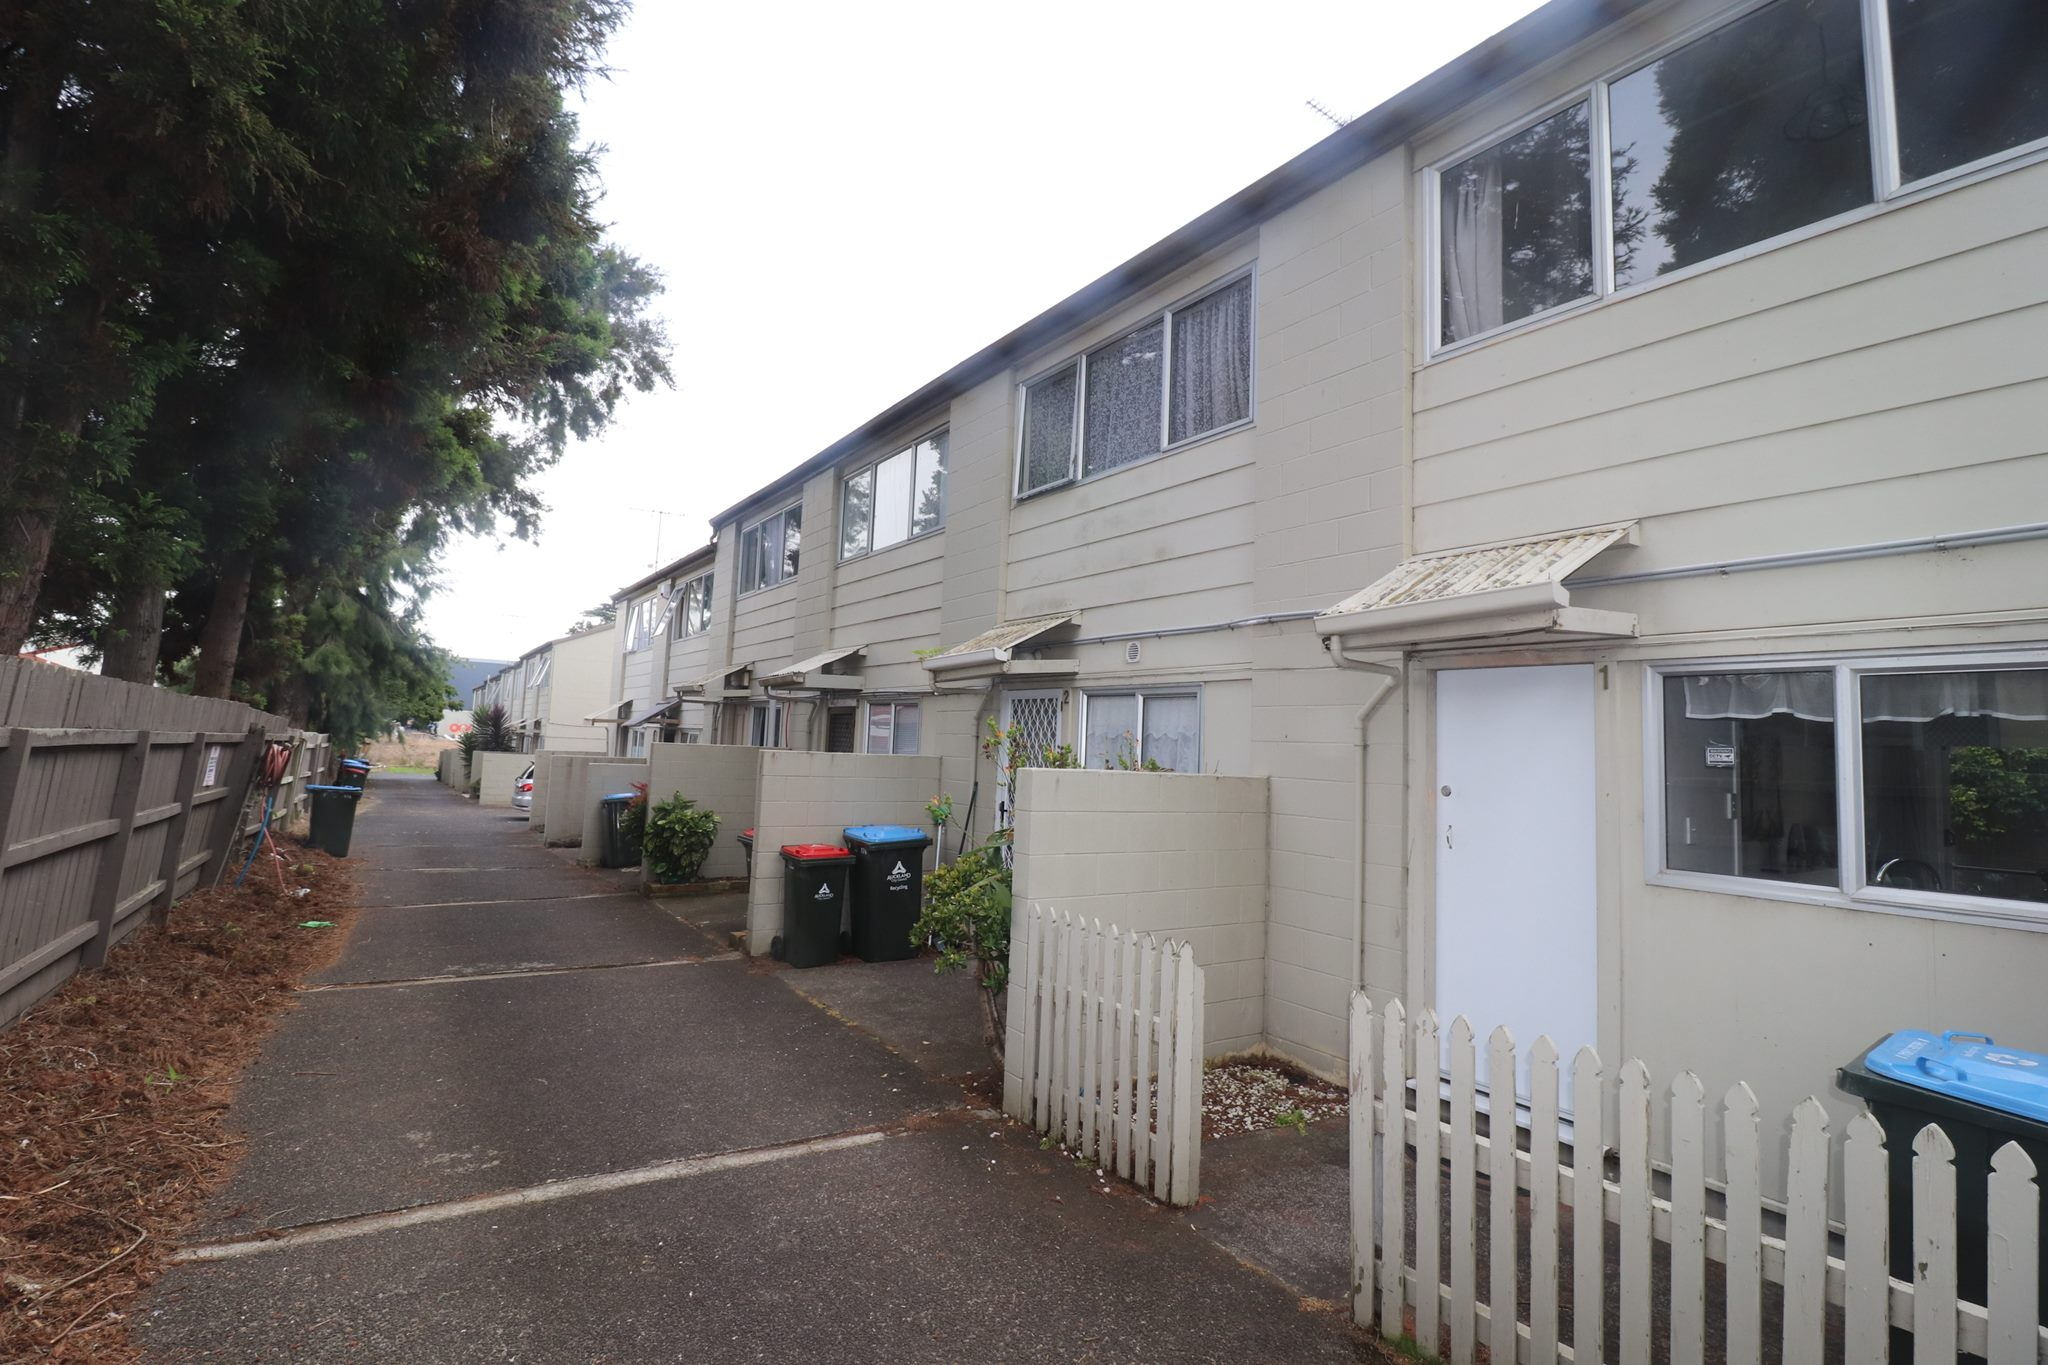 Mount Wellington, 2 bedrooms